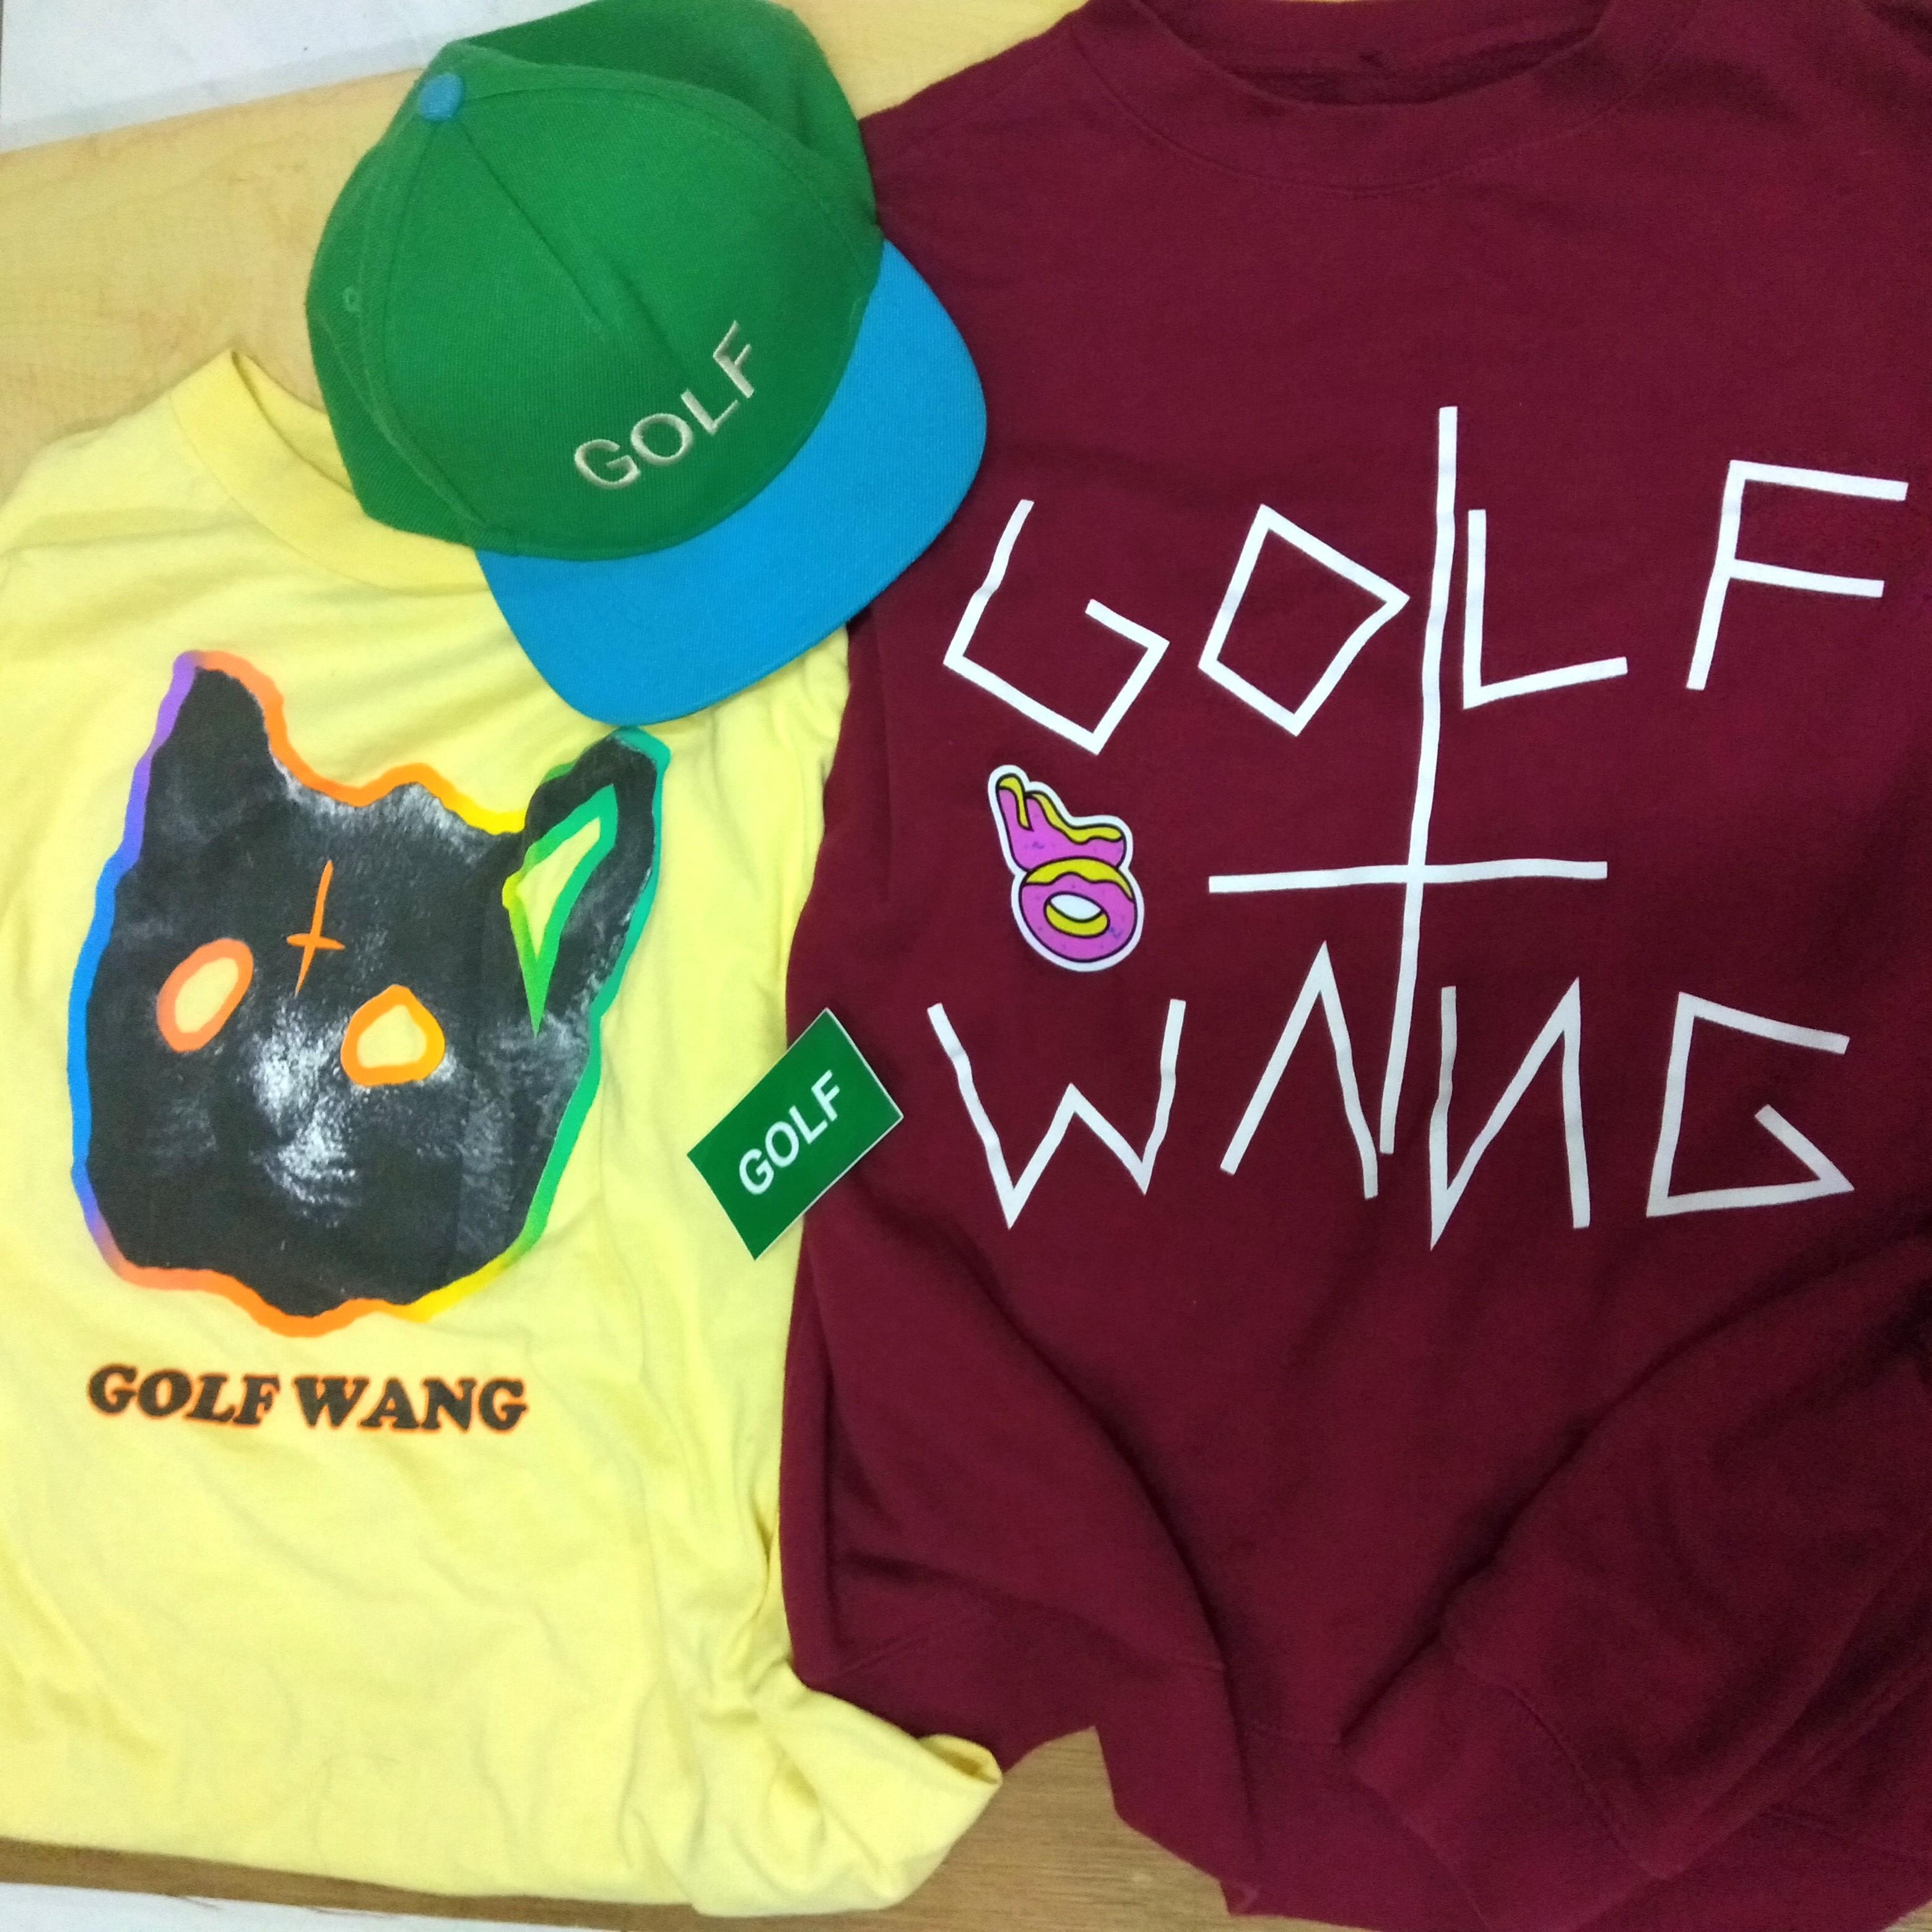 c149da518c0a Golf Wang combo